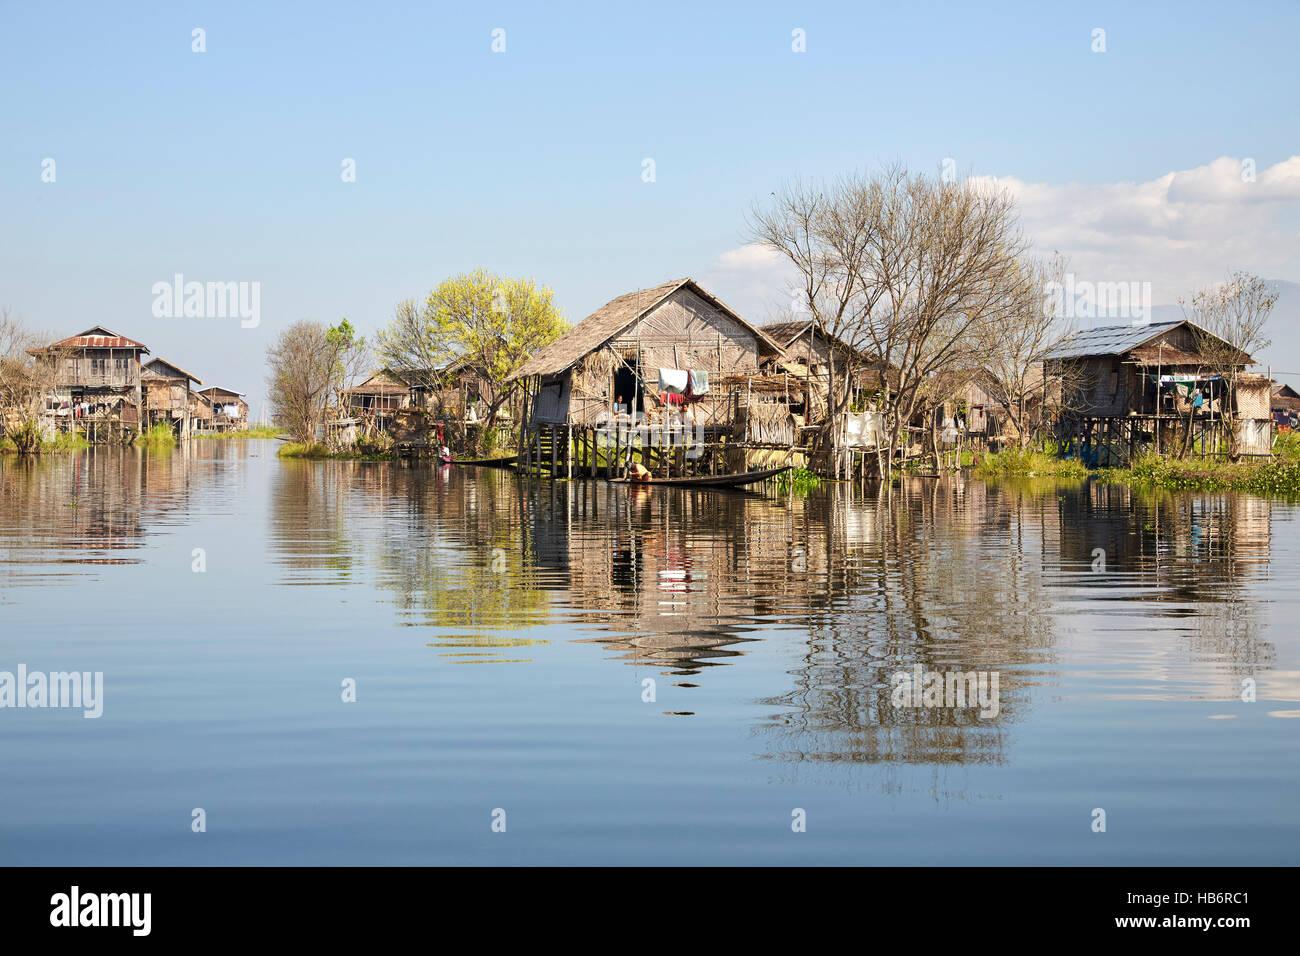 Nampan village, Inle Lake, Myanmar (Burma) - Stock Image